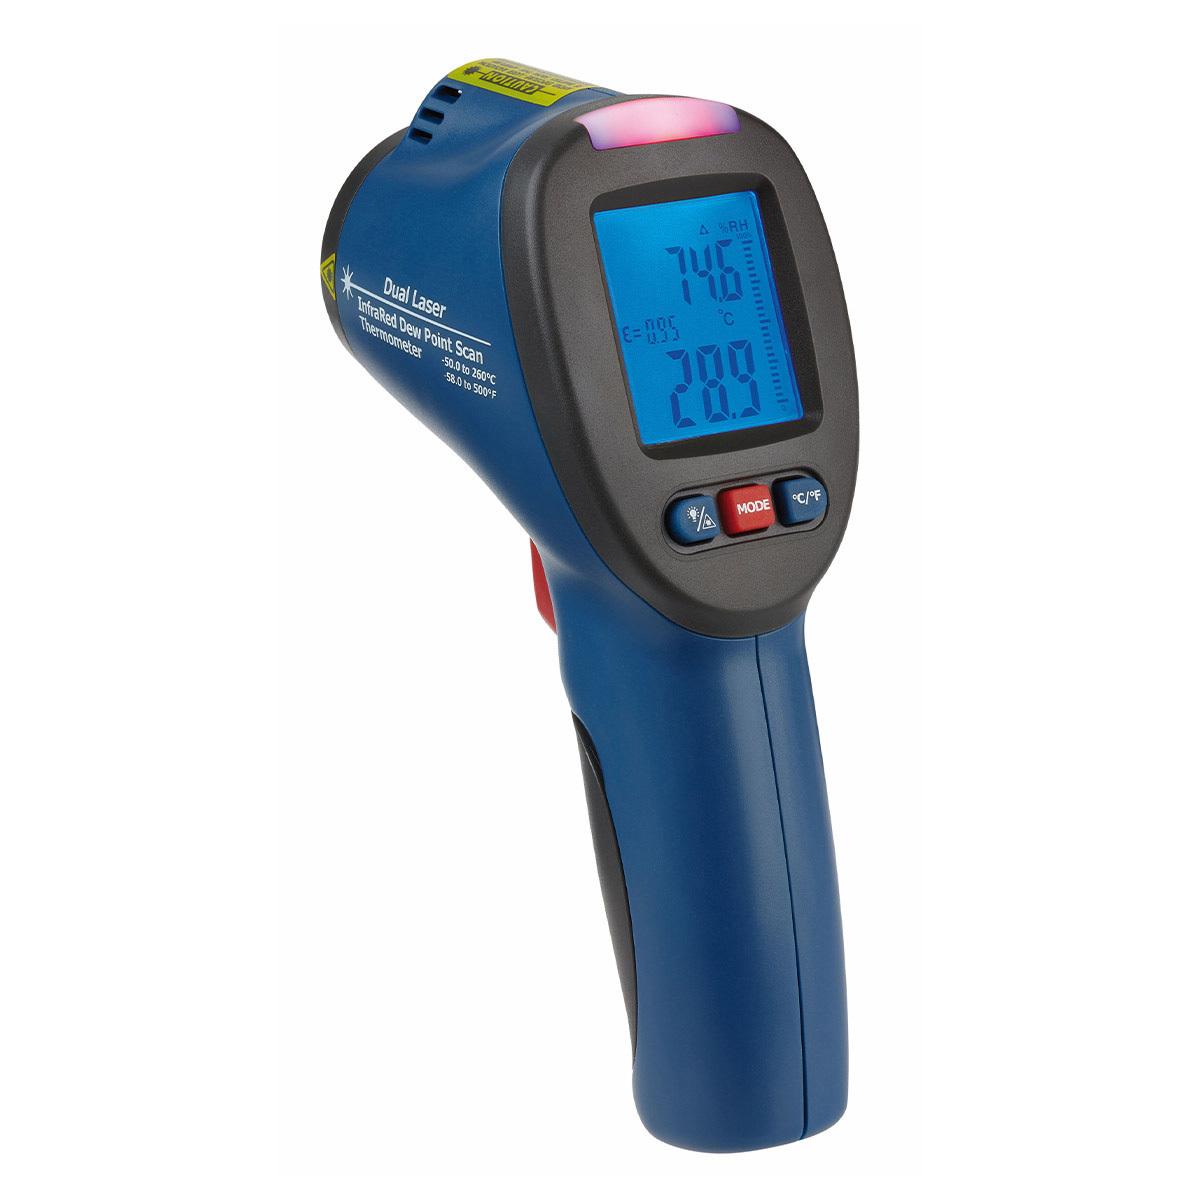 31-1141-06-infrarot-thermometer-mit-taupunktermittlung-schimmeldetektor-1200x1200px.jpg